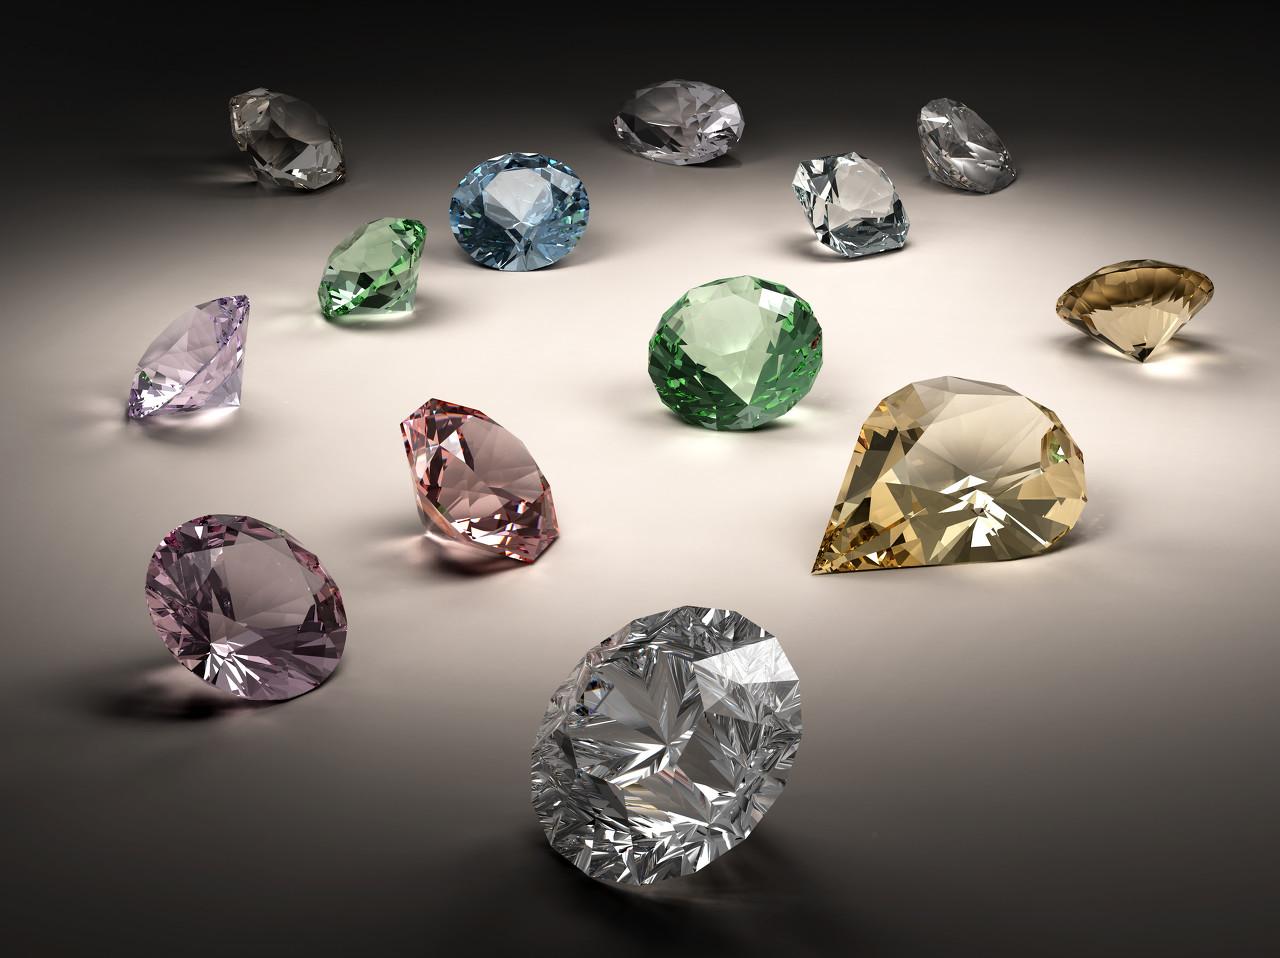 钻石开采商Petra Diamonds即将线上出售一颗蓝钻原石